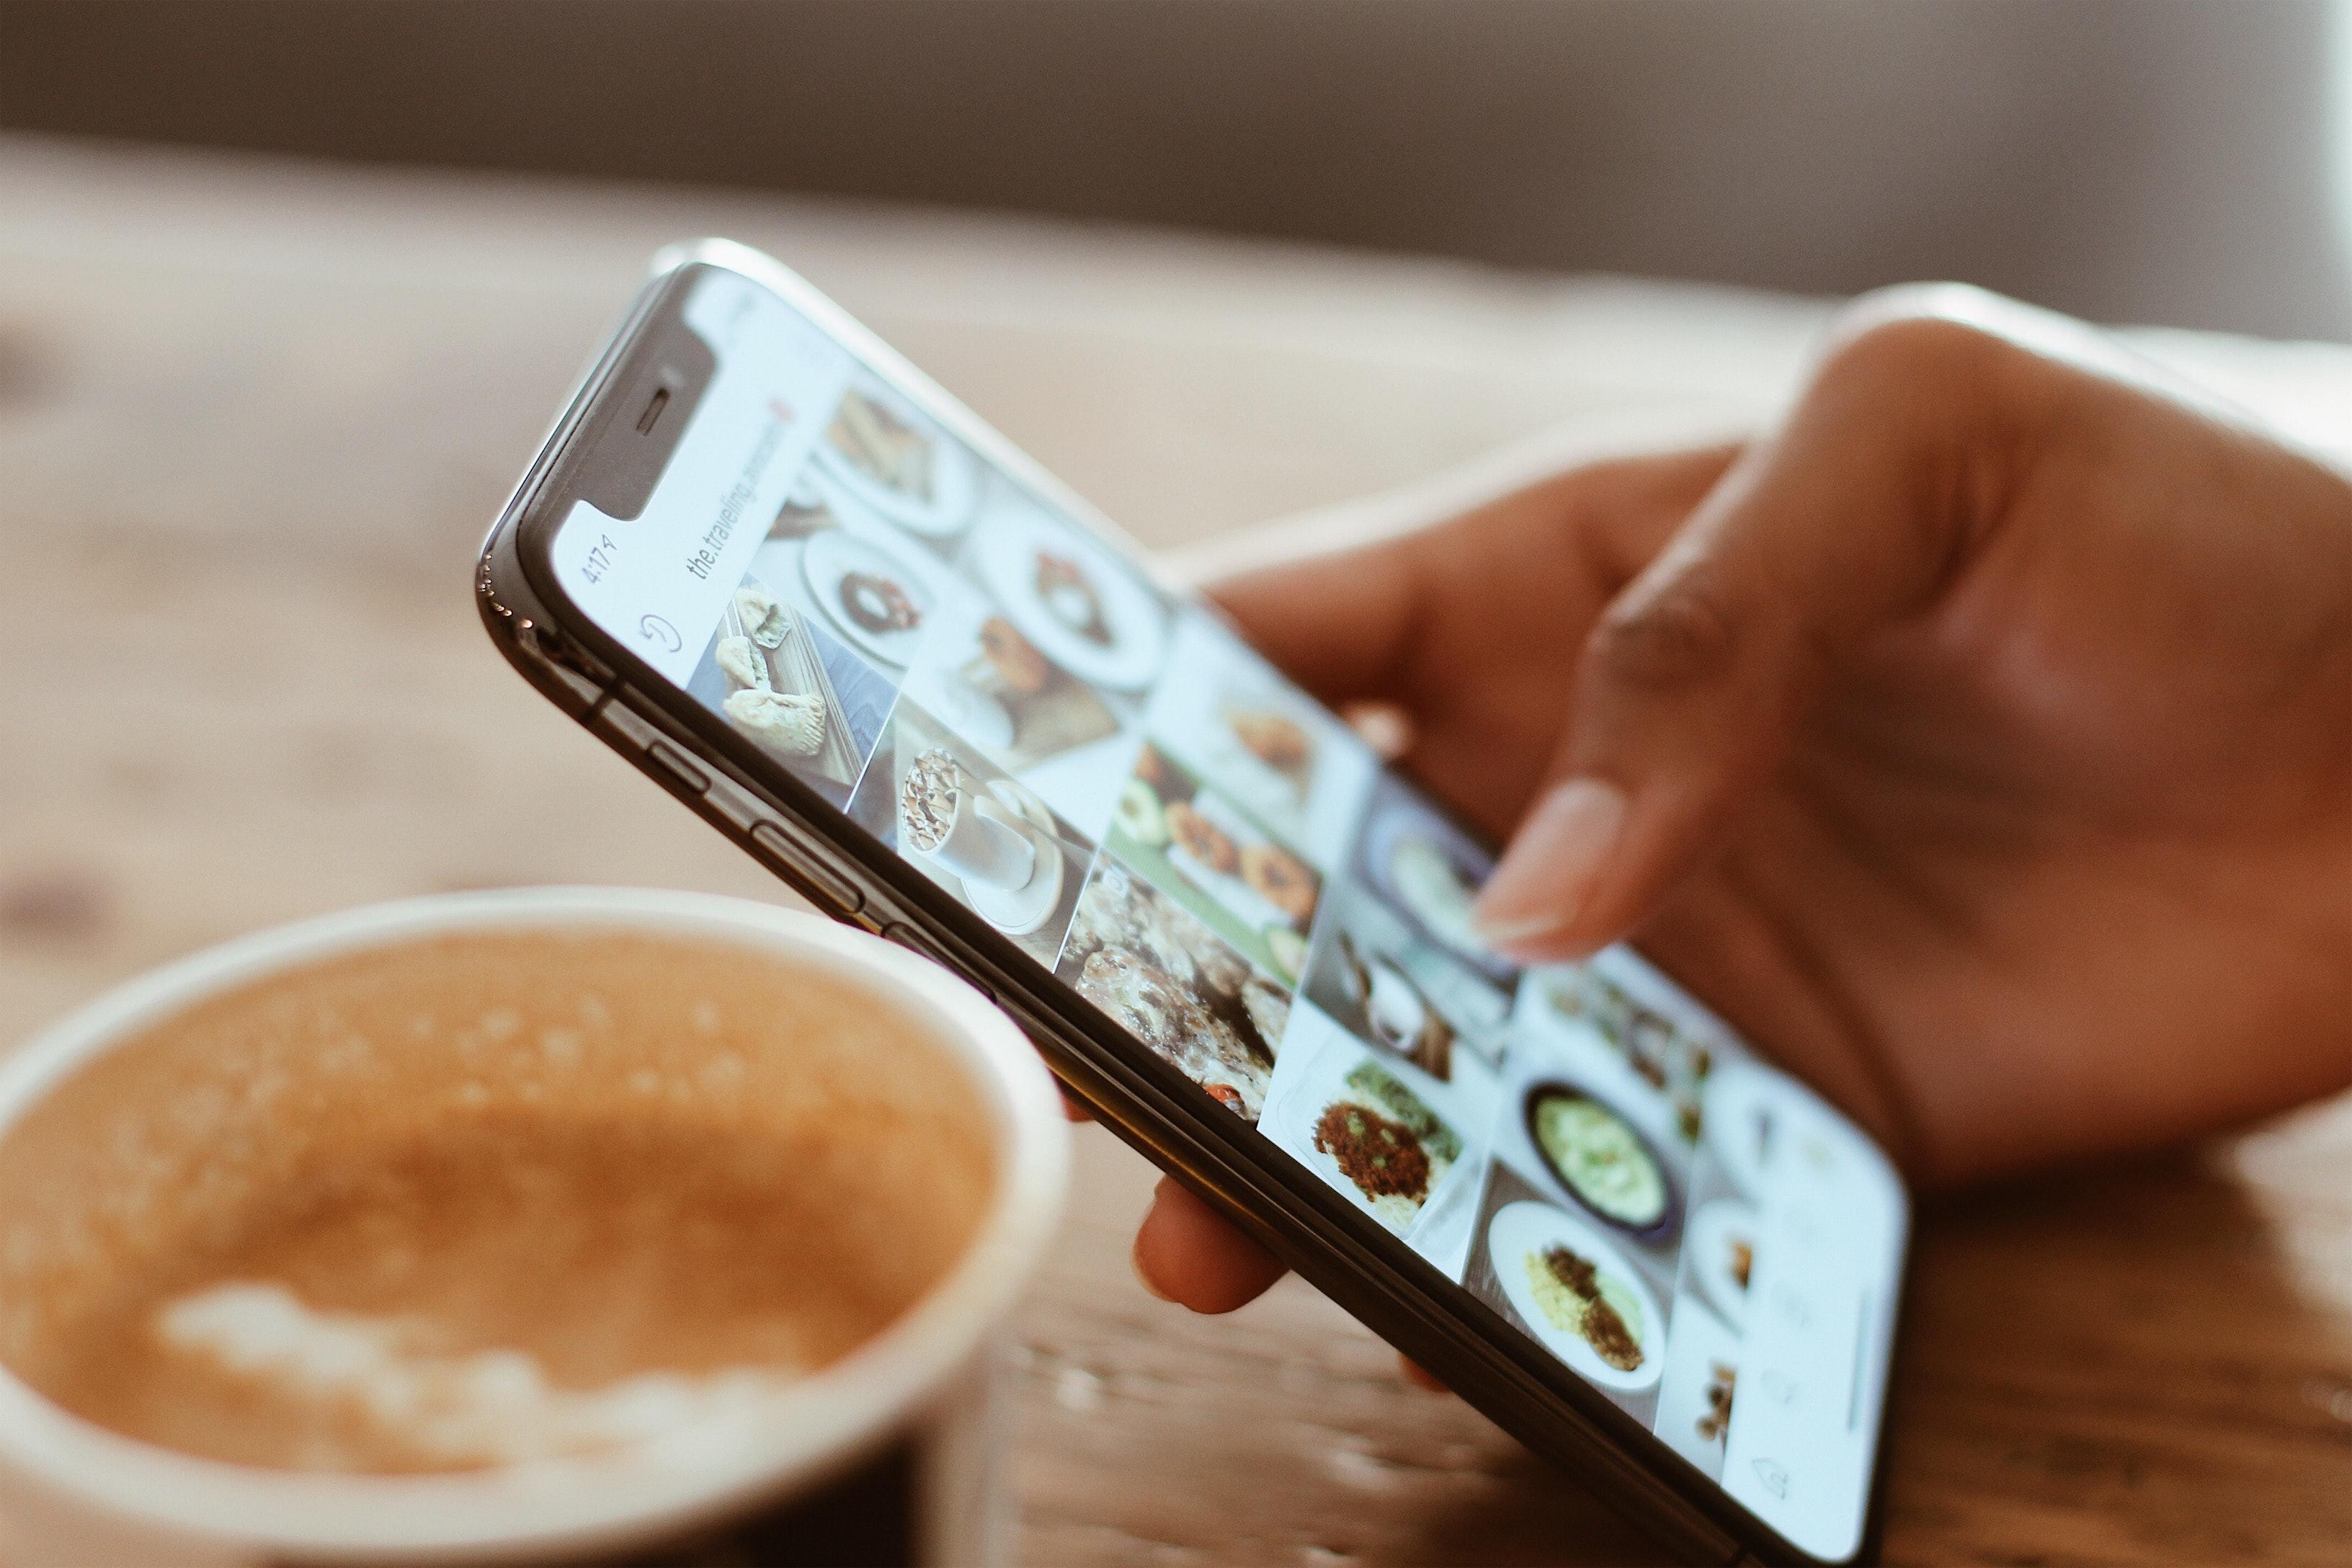 Appdate: Bolt speeds into food – Gadget